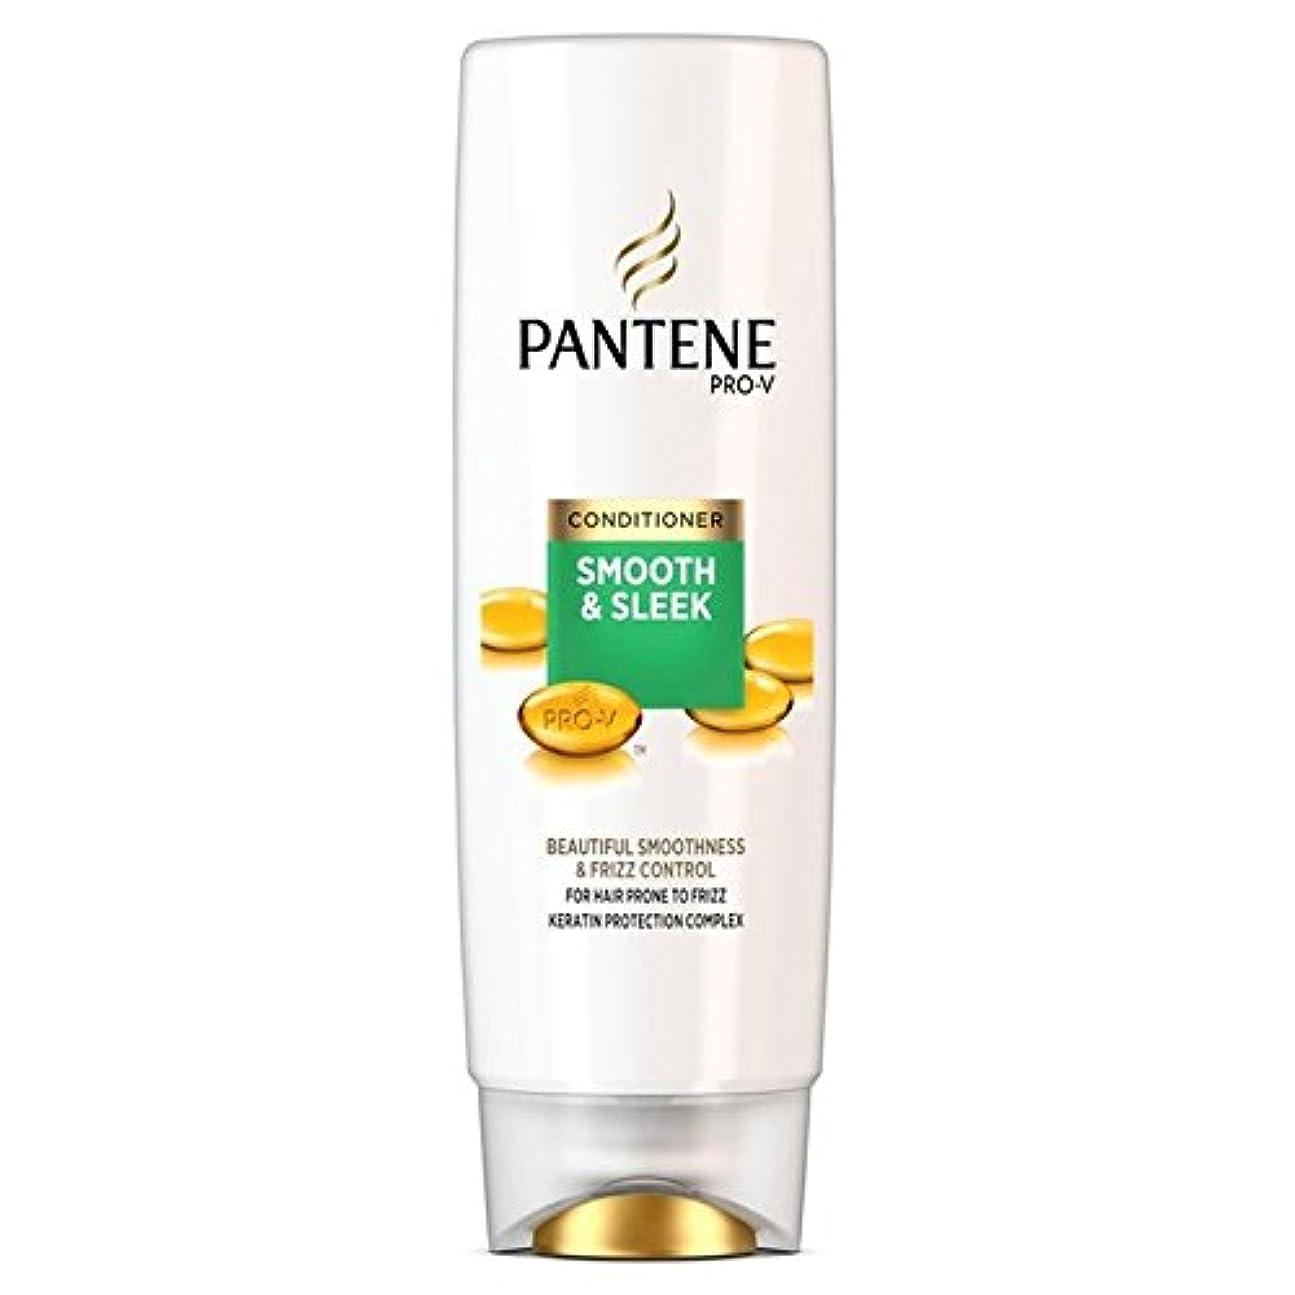 ねばねば固執相関するパンテーンコンディショナースムーズ&縮れ250ミリリットルを受けやすい髪になめらかな x2 - Pantene Conditioner Smooth & Sleek For Hair Prone to Frizz 250ml...